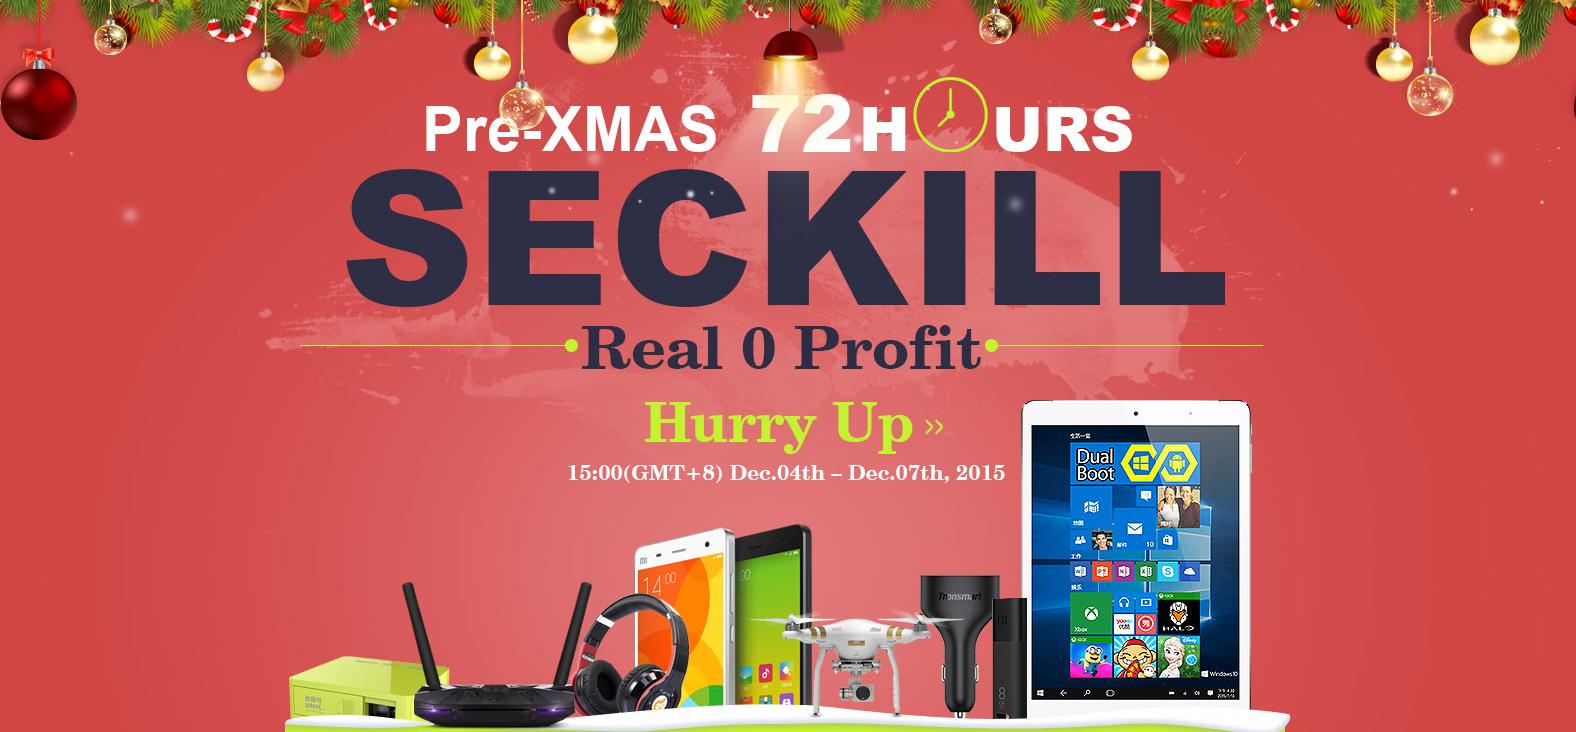 Vánoční slevy v obchodě Geekbuying [sponzorovaný článek]